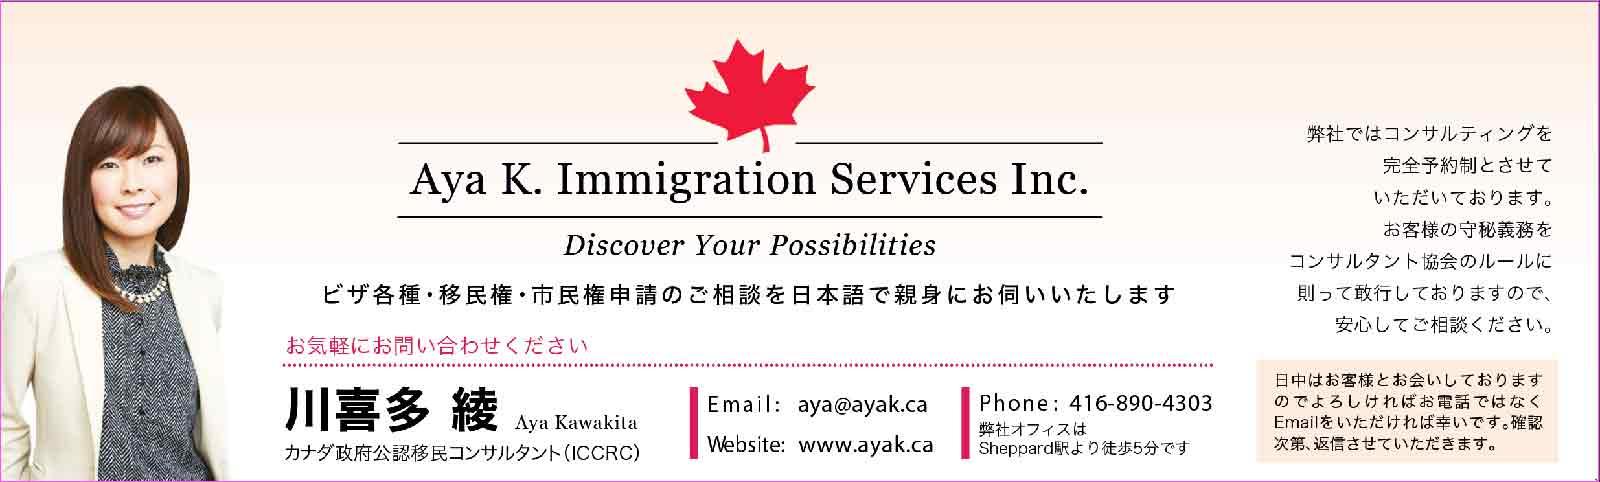 2021年2月現在の最新情報|カナダで永住権! トロント発信の移民・結婚 ...